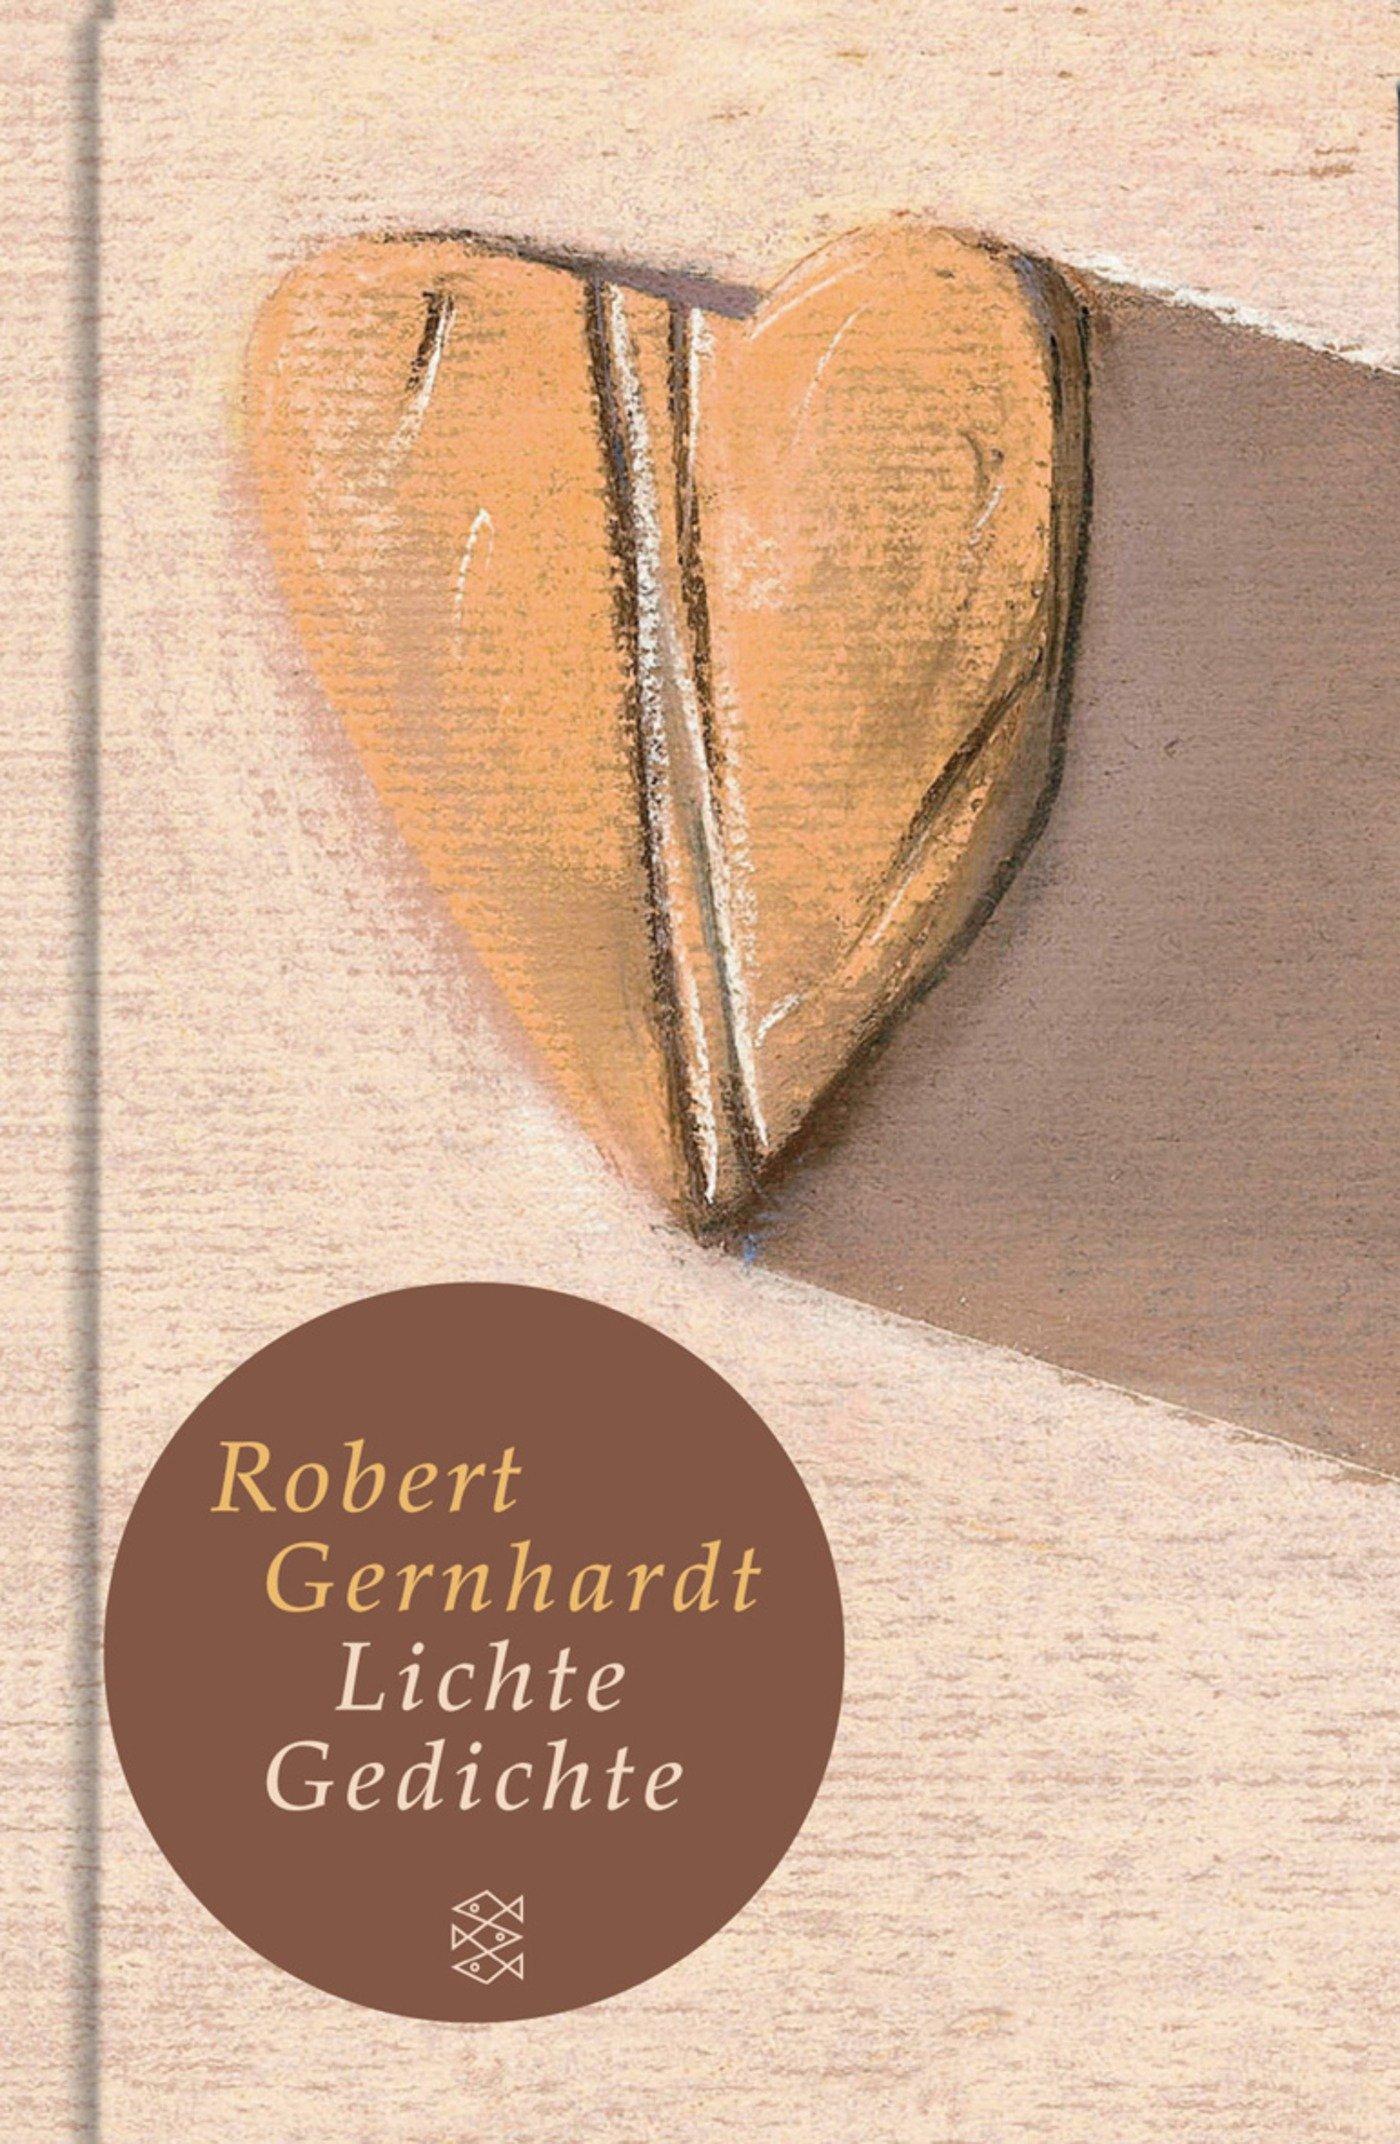 Lichte Gedichte Robert Gernhardt 9783596510542 Amazoncom